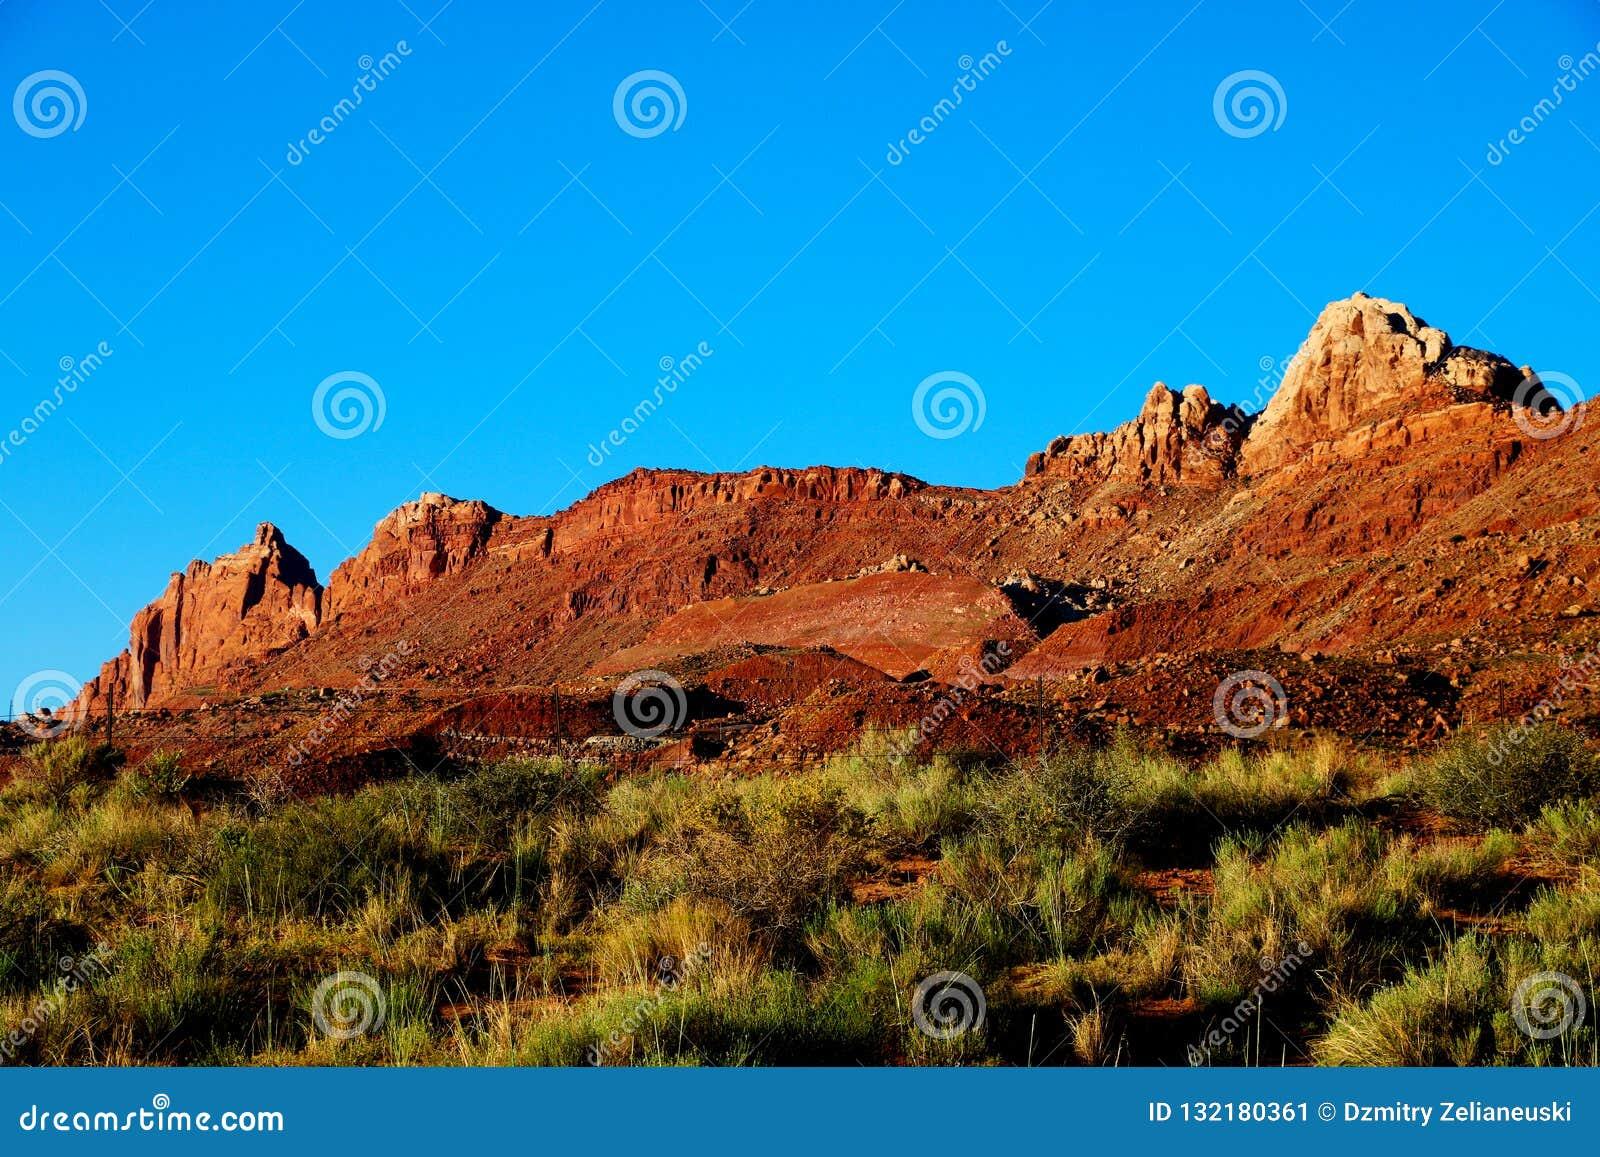 Hermosa vista de las formaciones asombrosas de la arena en la puesta del sol famosa, Arizona, los E.E.U.U.